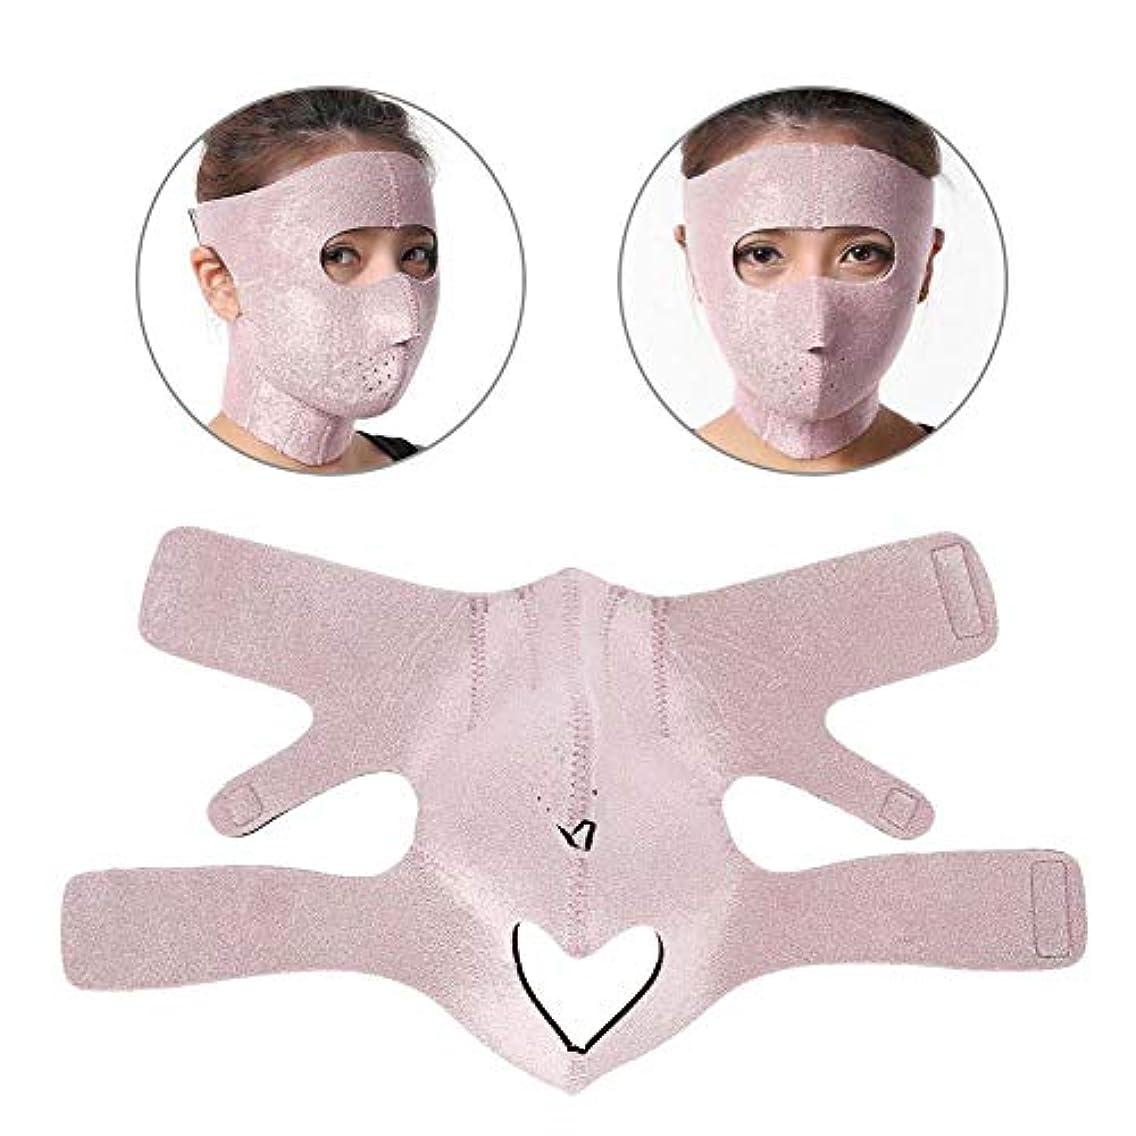 飼料ファンタジー下線顔の輪郭を改善する 美容包帯 フェイスリフト用フェイスマスク 通気性/伸縮性/変形不可